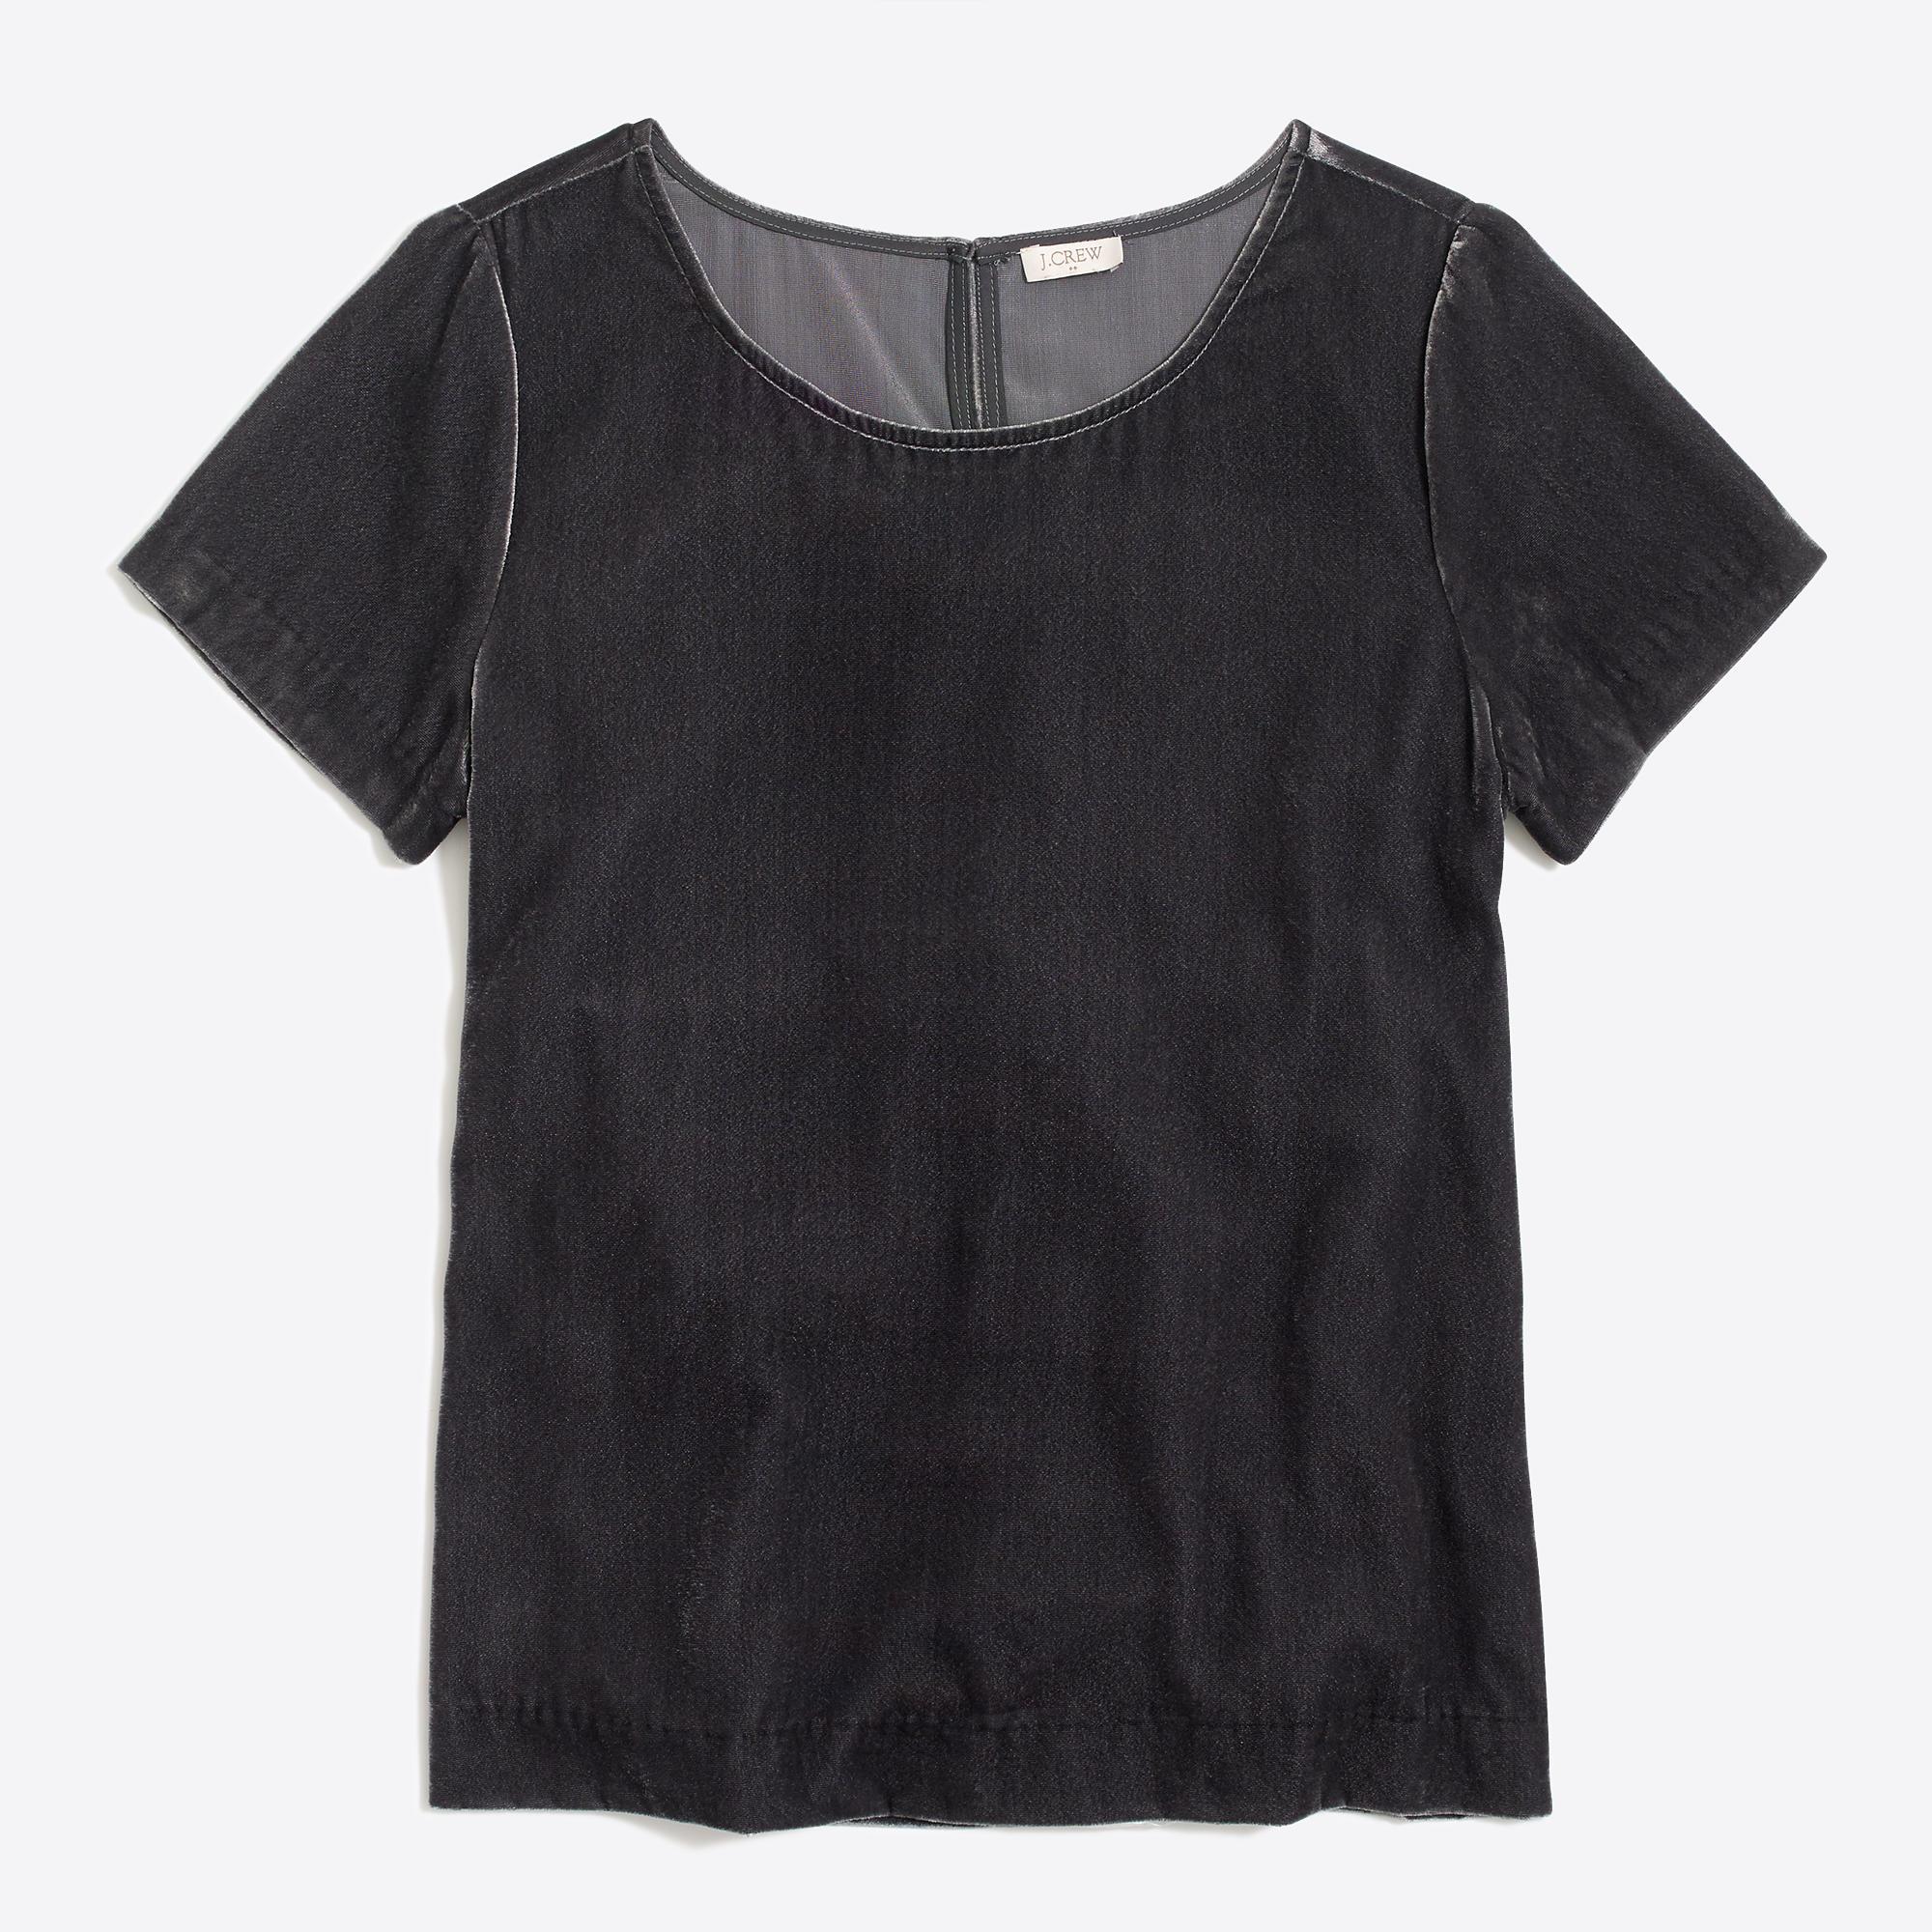 Velvet t shirt factorywomen blouses tops factory for Red velvet button up shirt